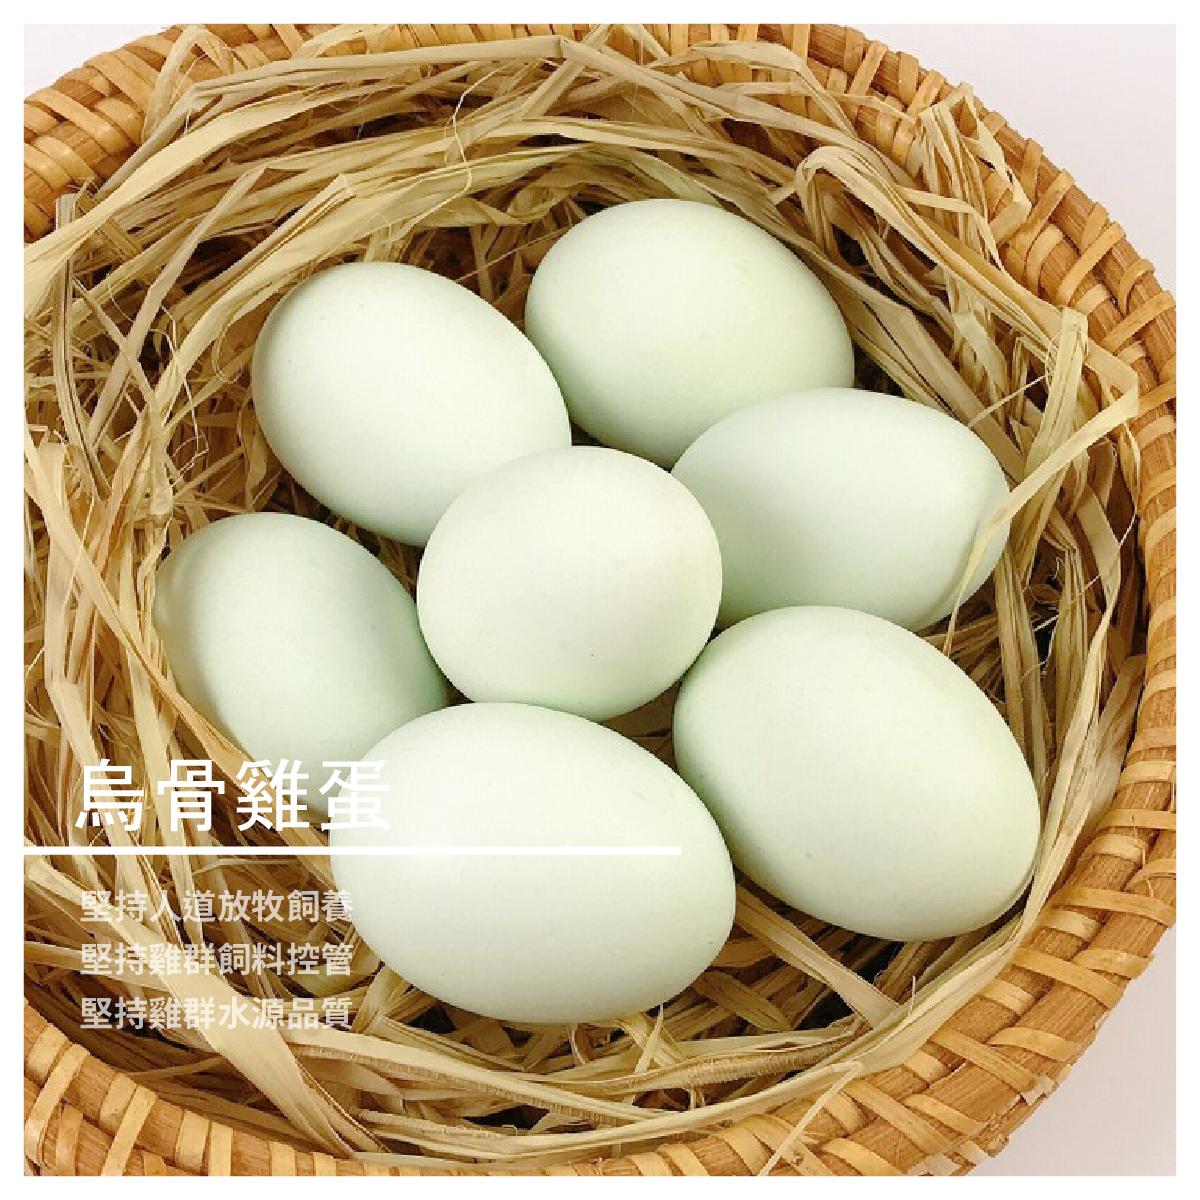 【御品園蛋品行】烏骨雞蛋特惠組 10入/4盒禮盒裝